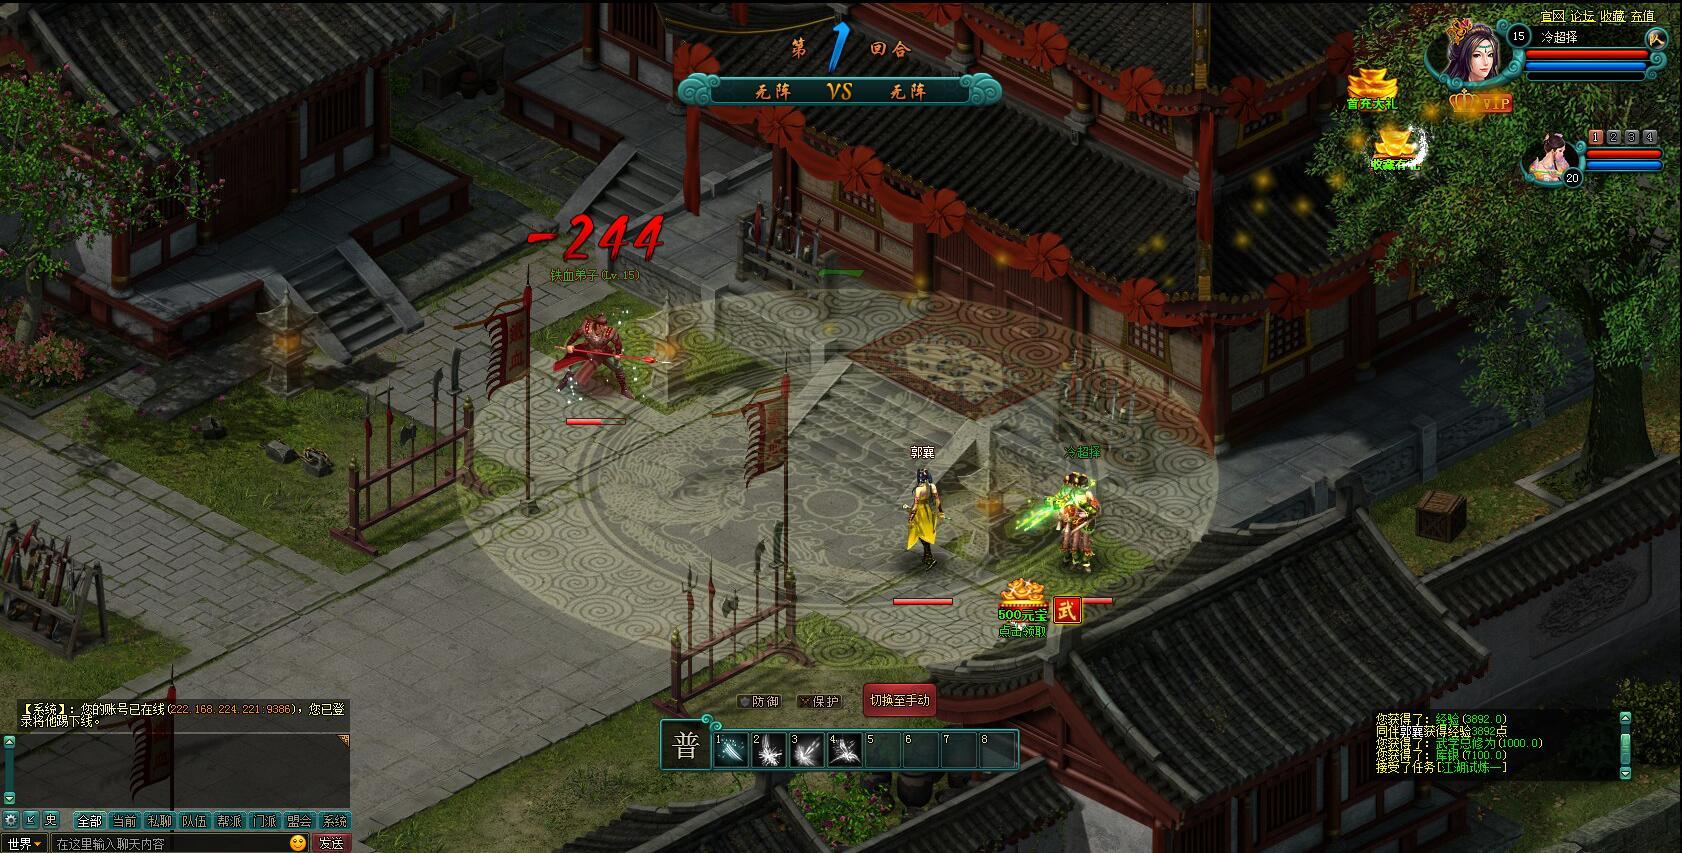 祖龙志游戏截图1